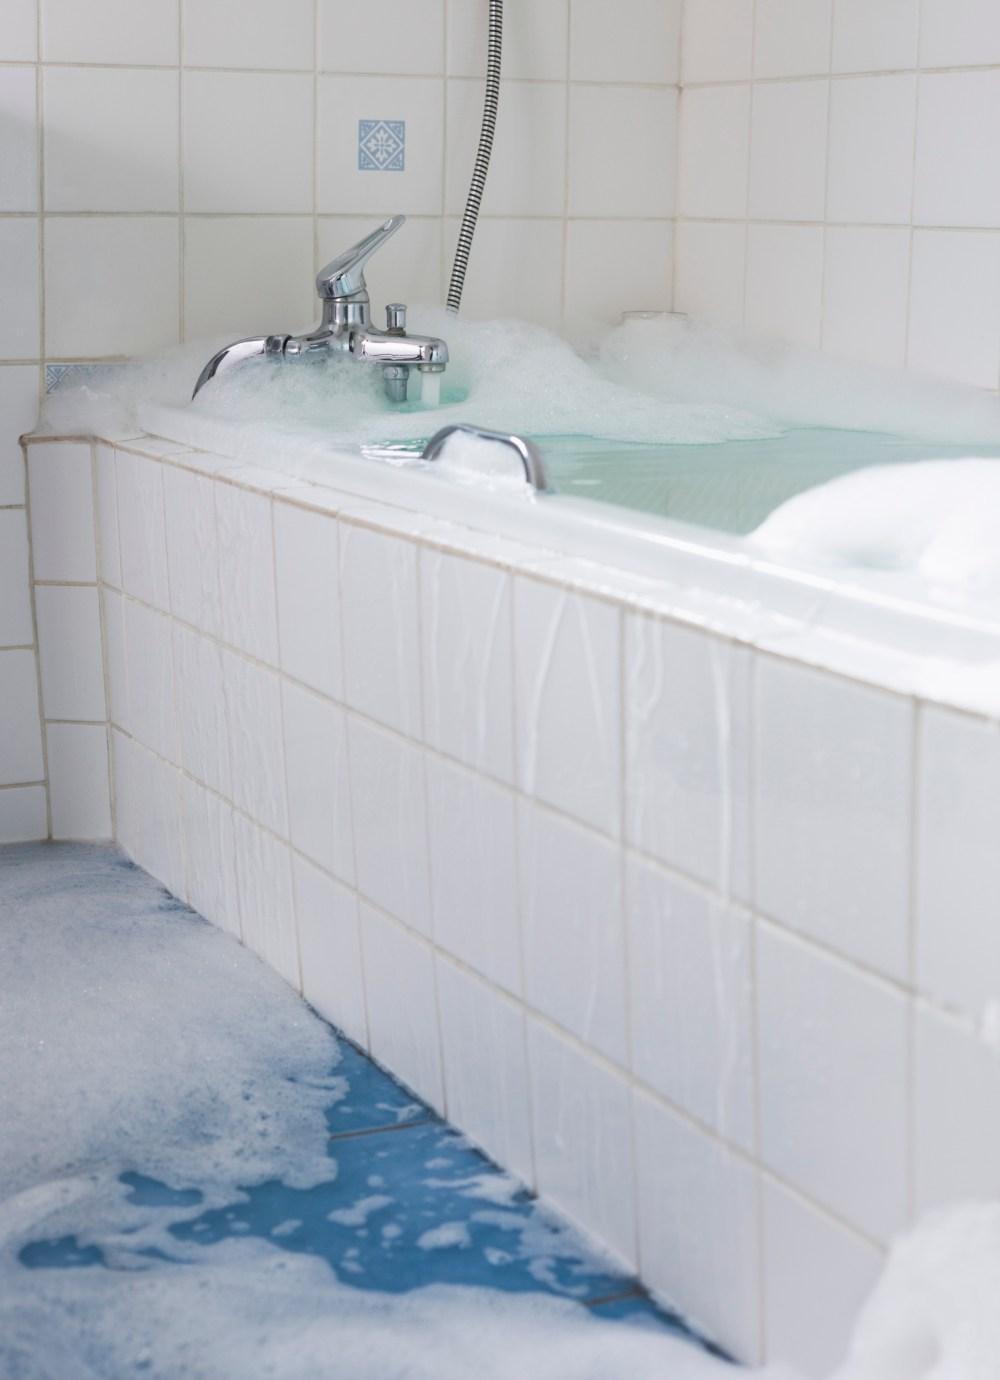 bak mandi bocor rembesan air